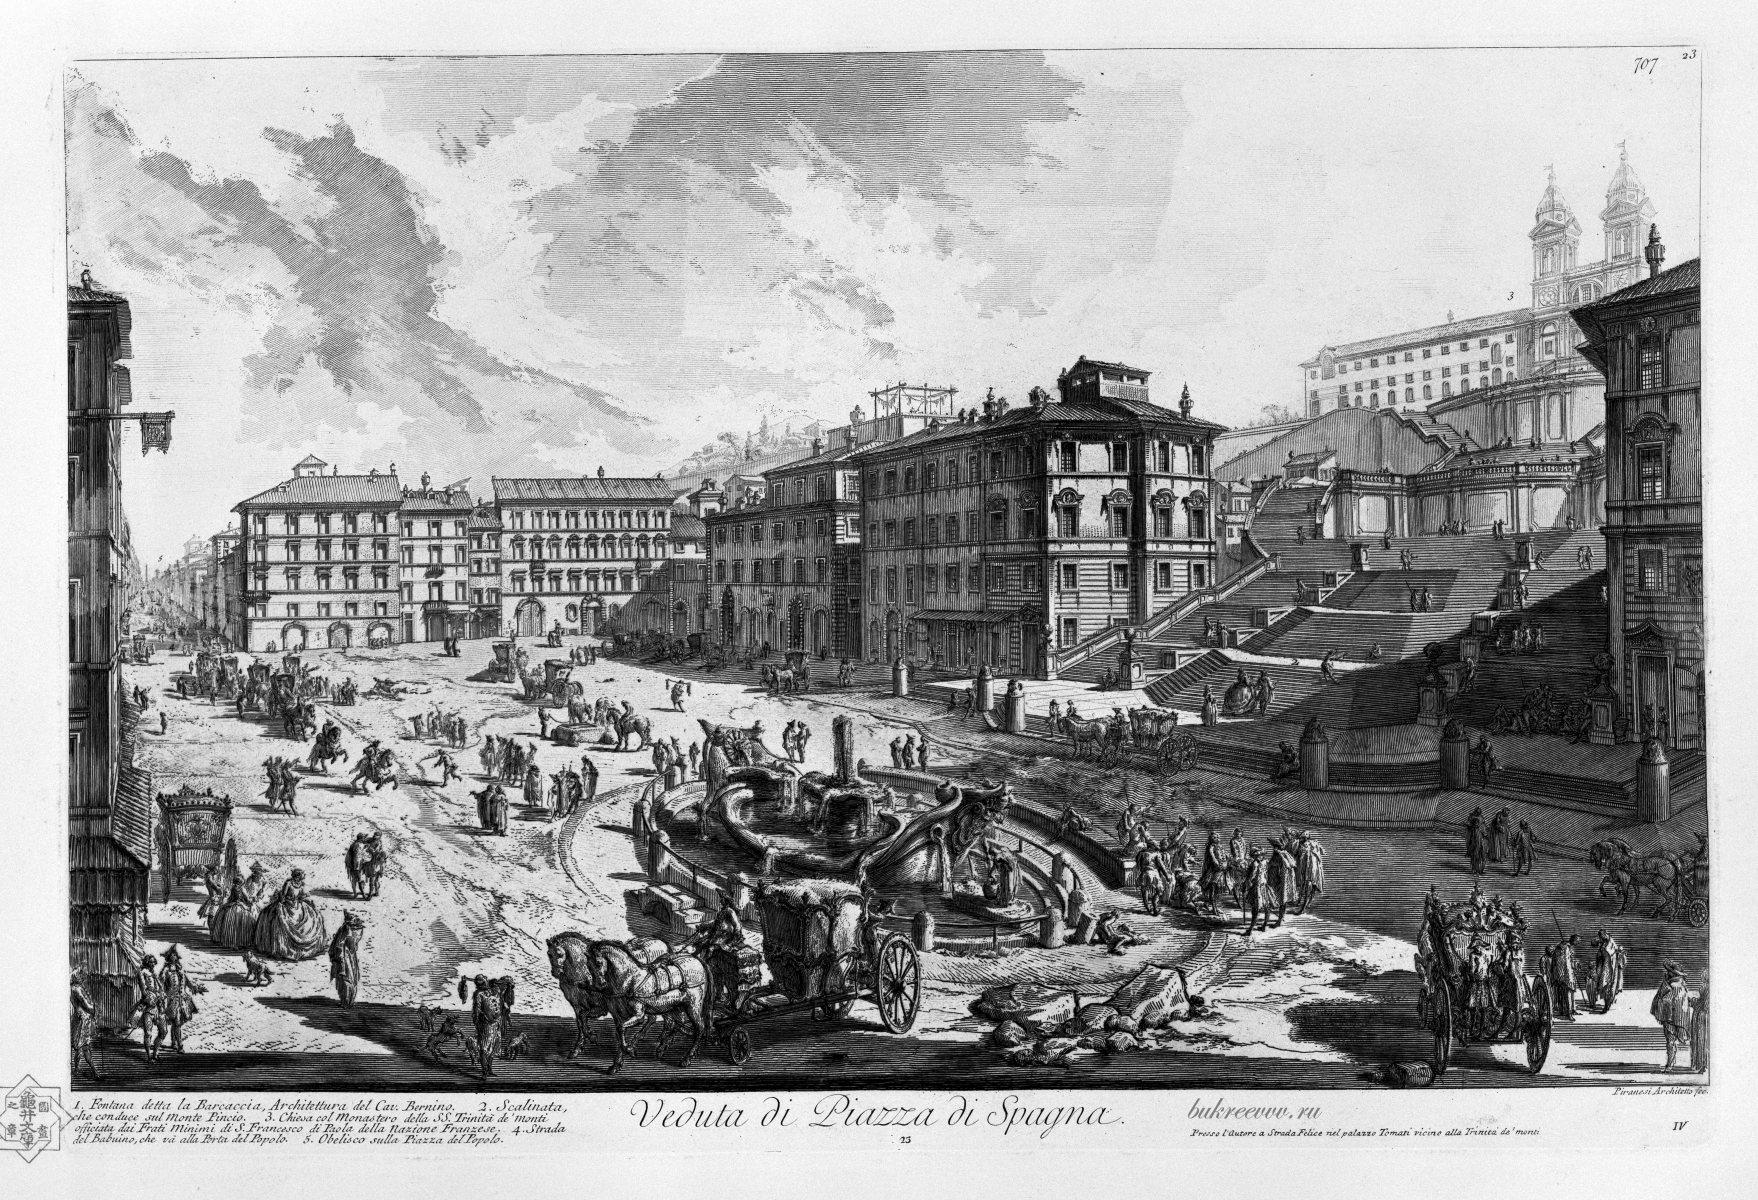 Piazza di Spagna 33